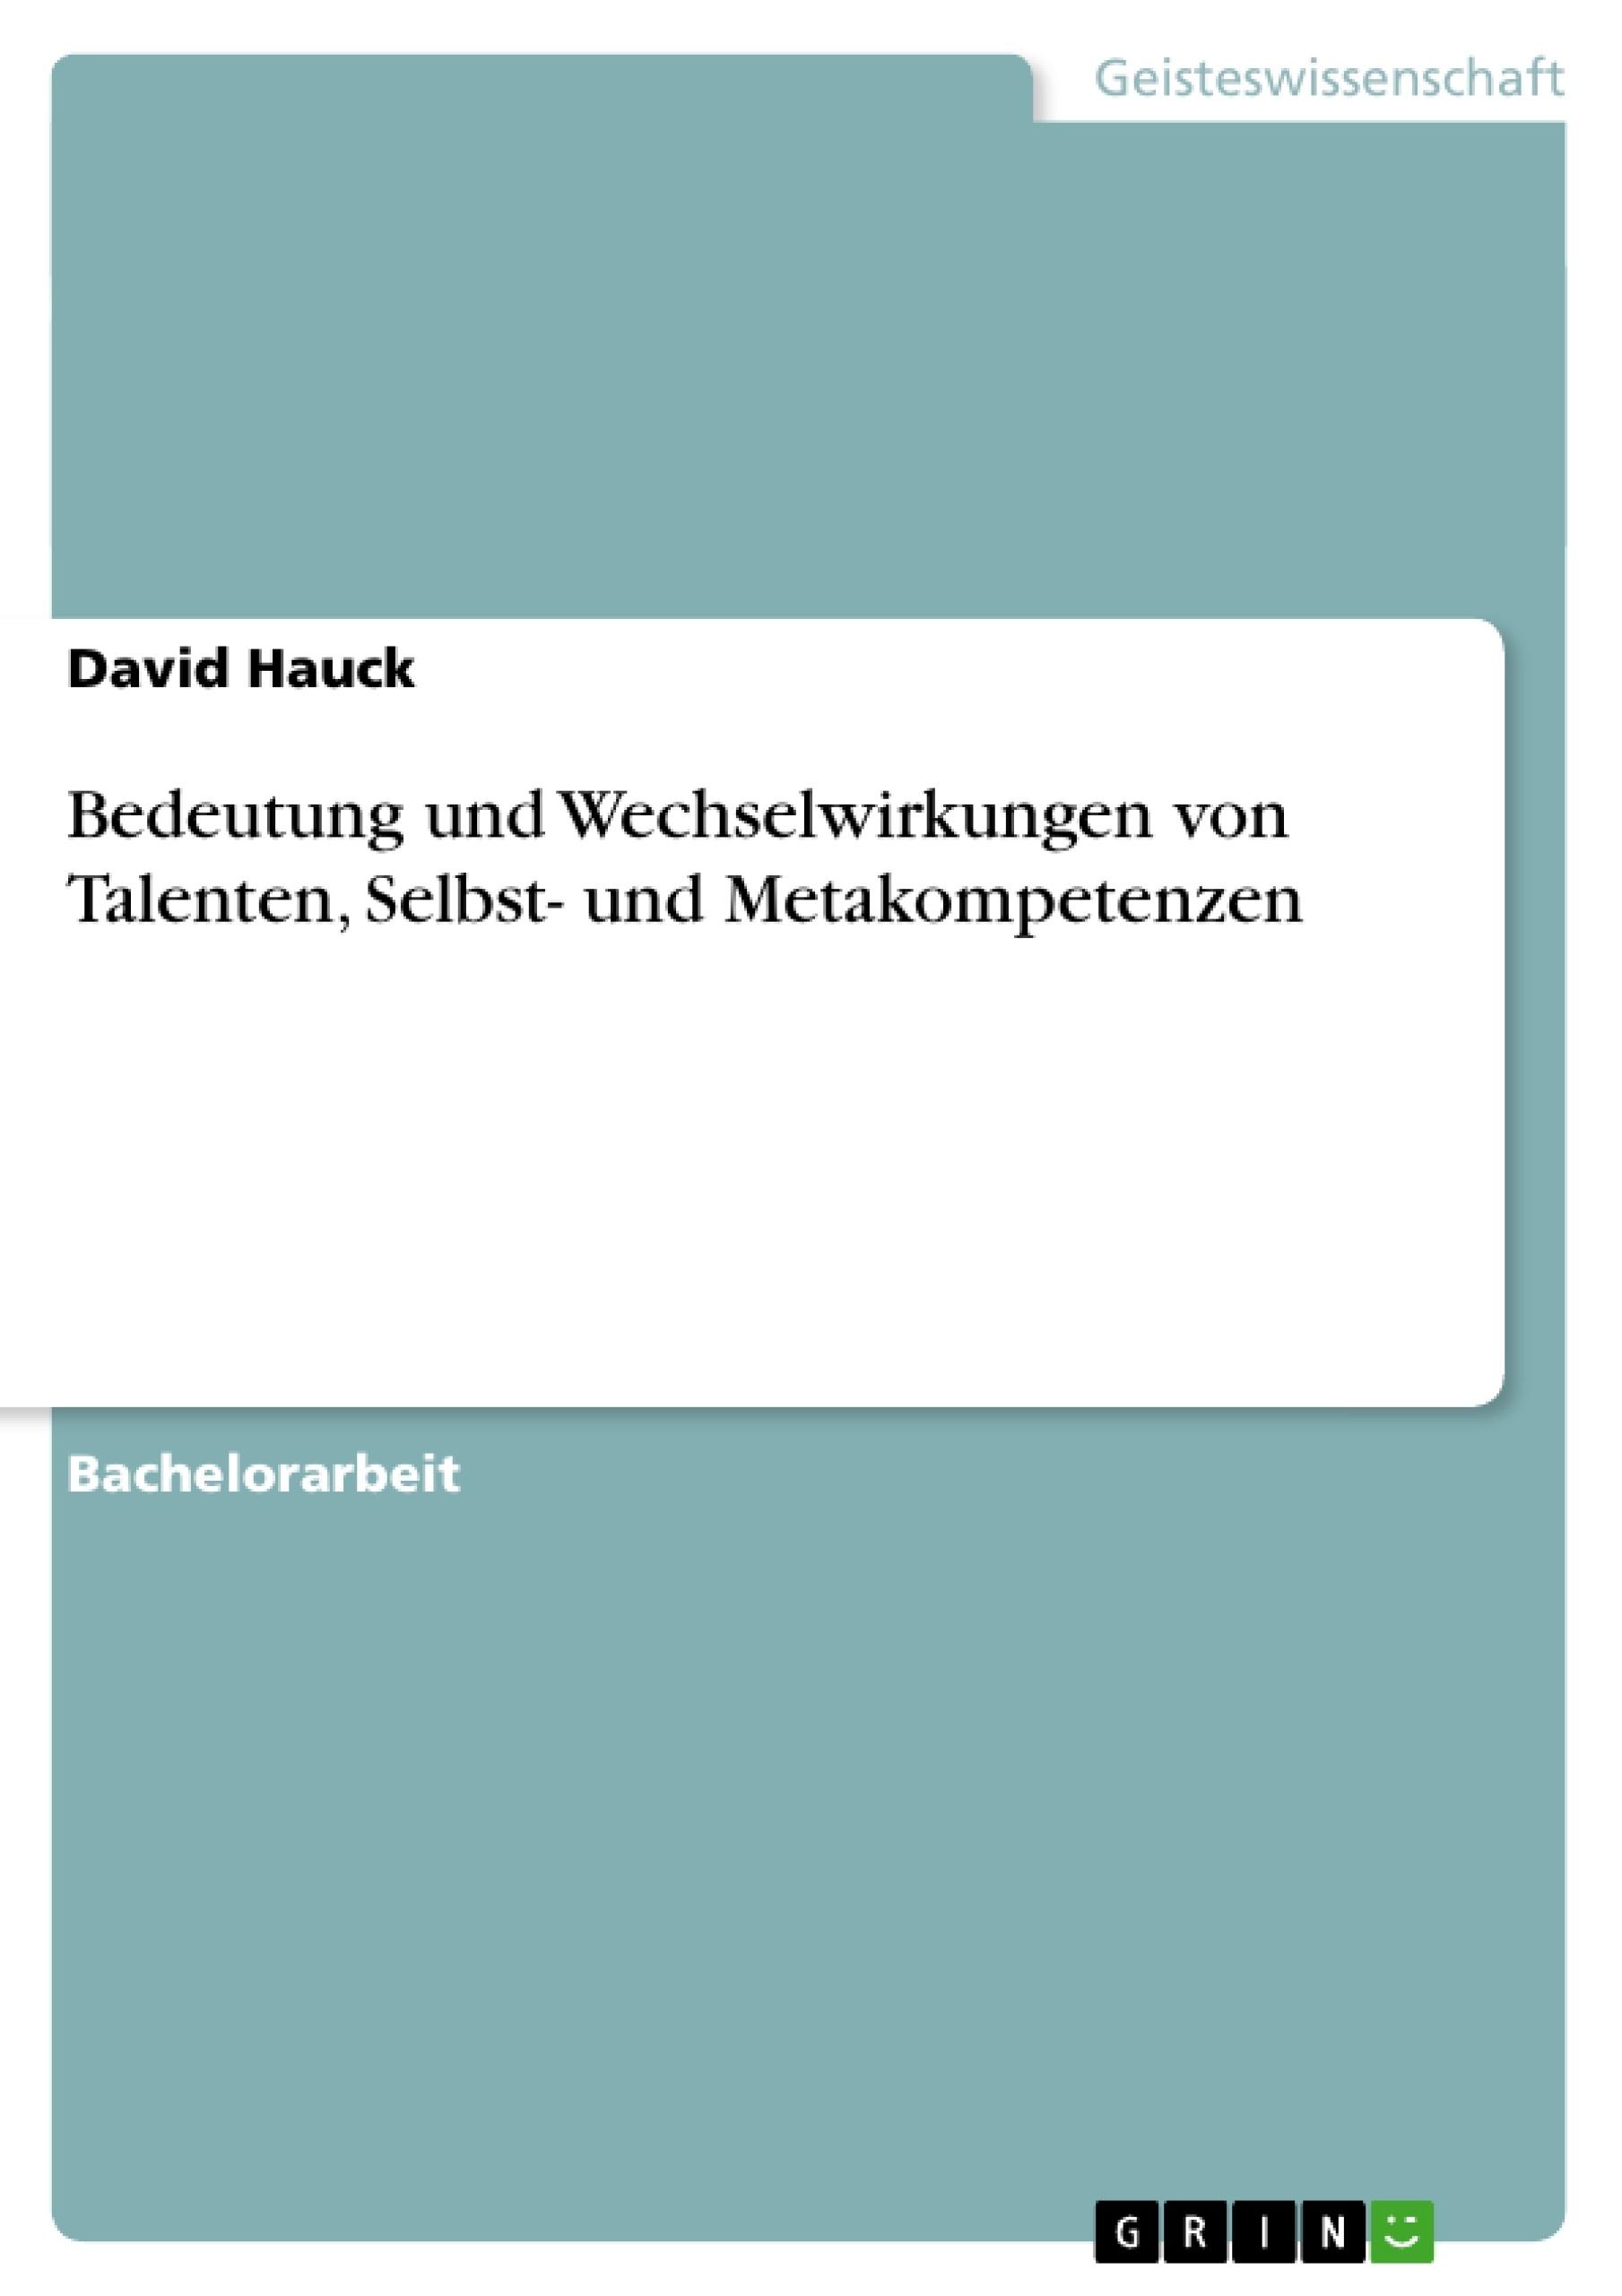 Titel: Bedeutung und Wechselwirkungen von Talenten, Selbst- und Metakompetenzen